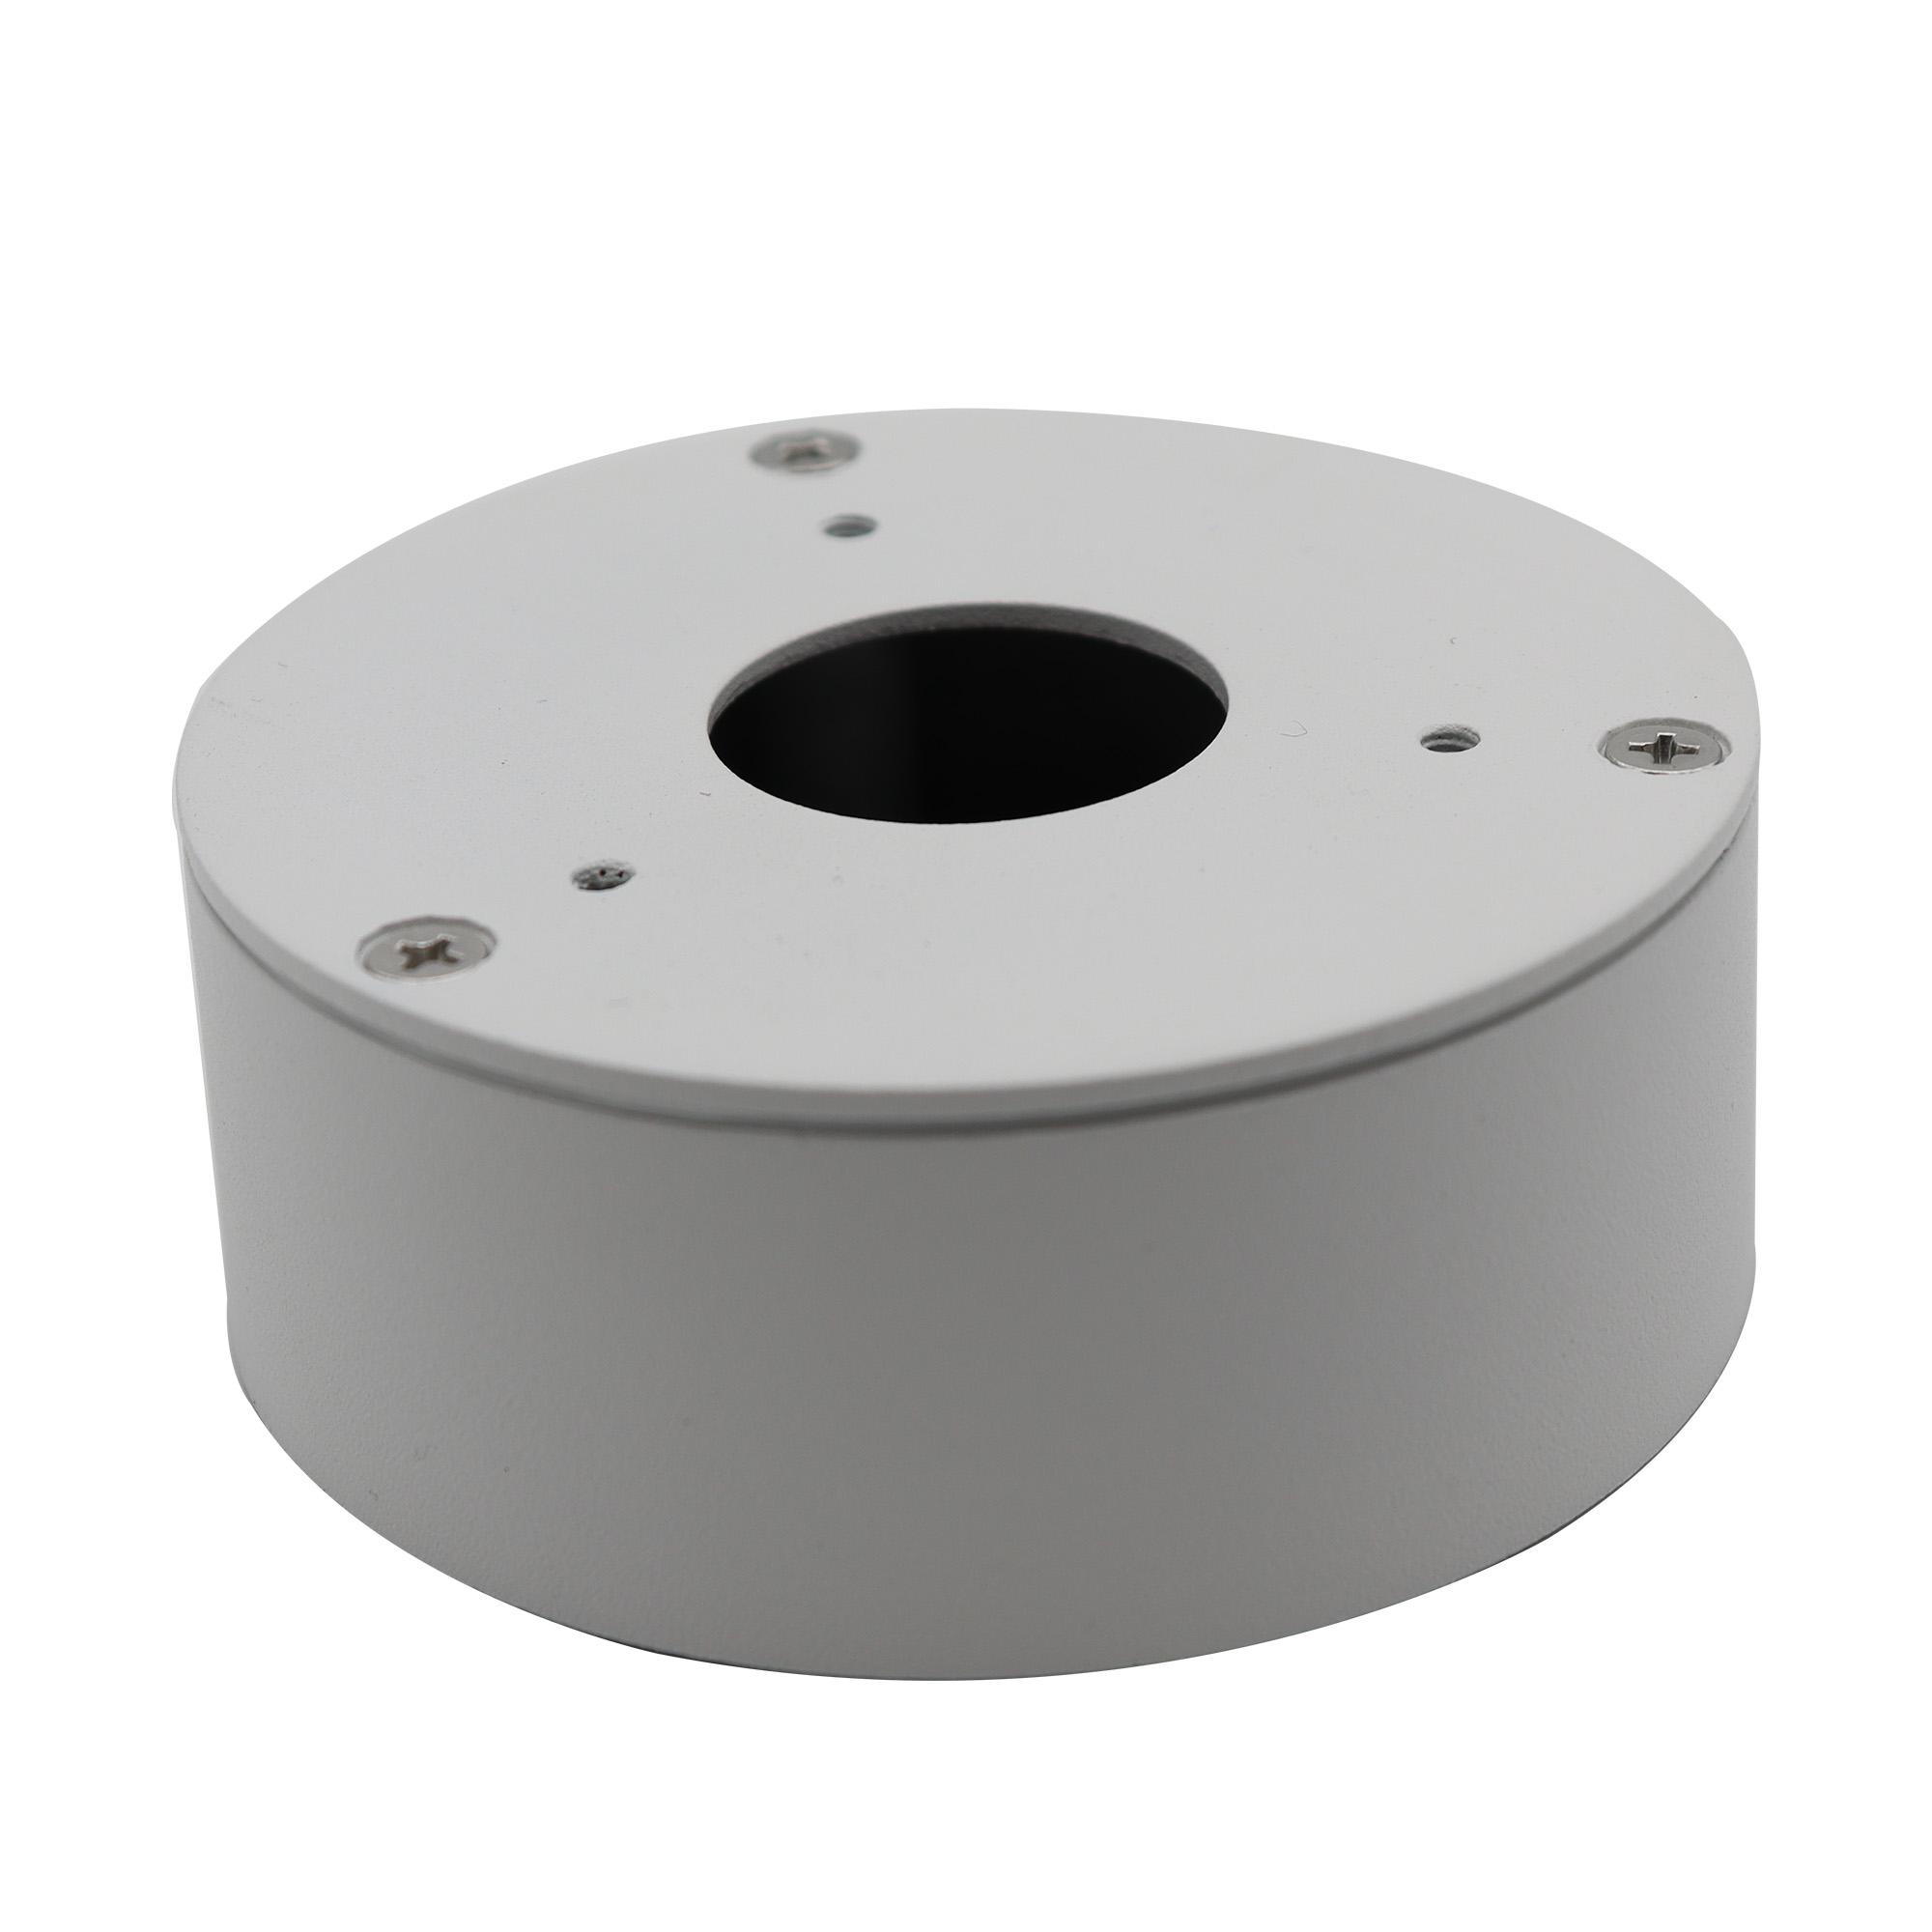 Caixa de passagem para câmeras de CFTV - VBOX 3000 B